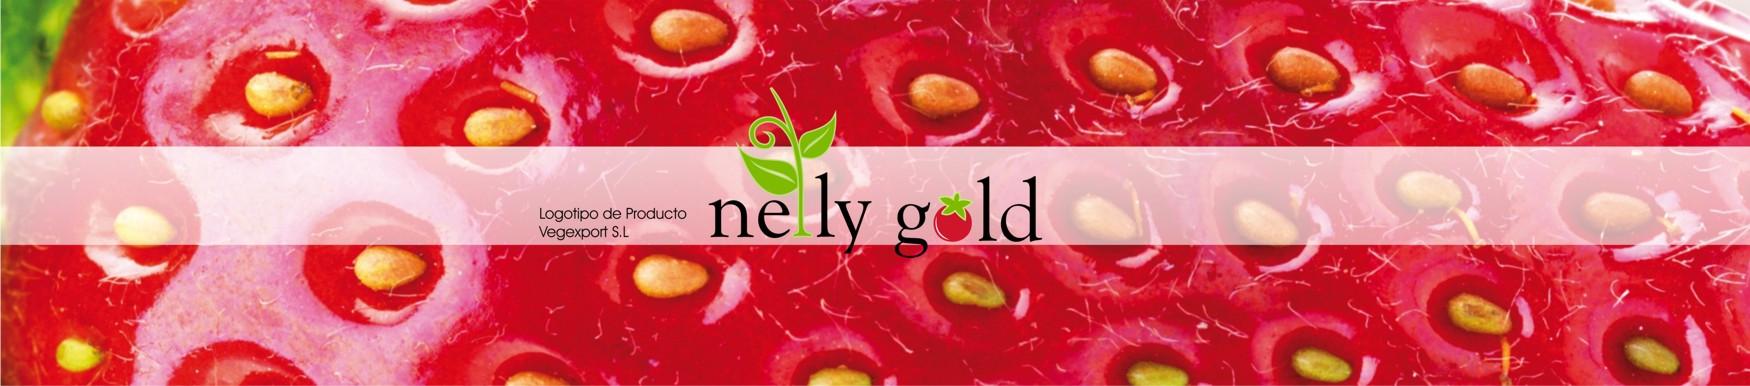 Logotipo NellyGold